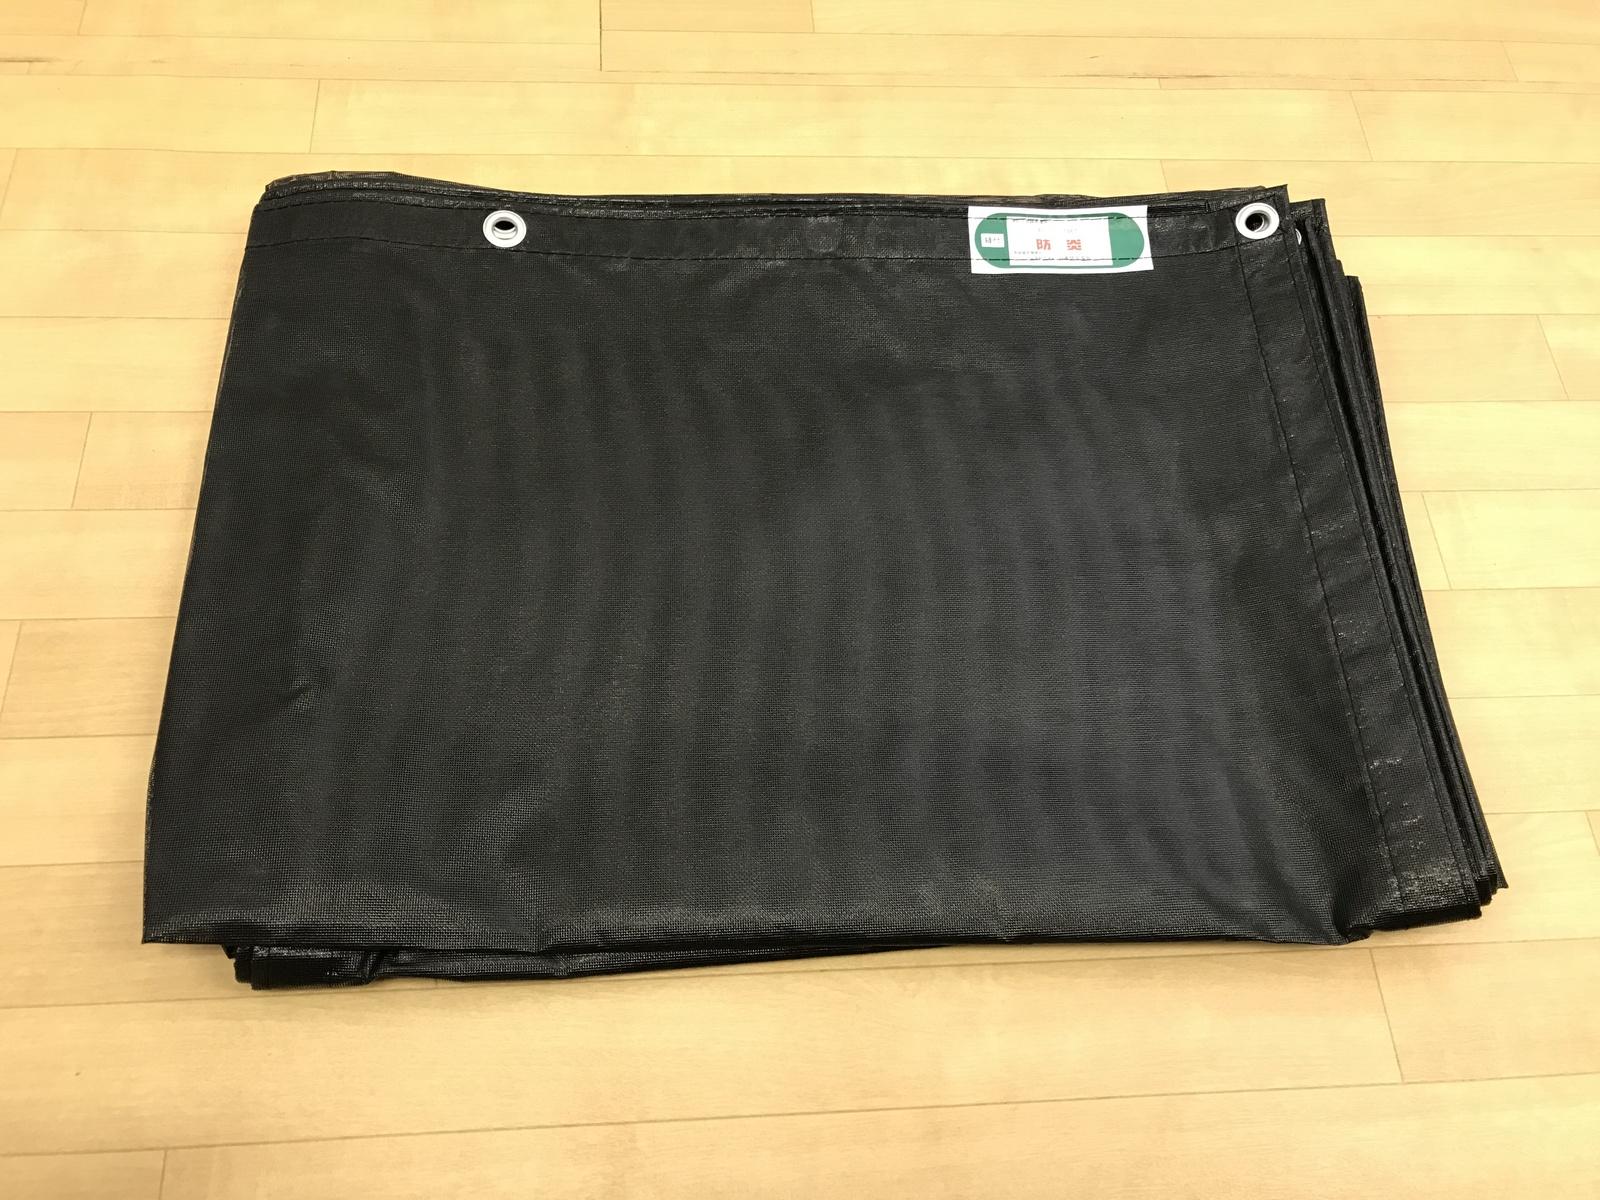 仮設足場資材 新品 メッシュシート2類0.4M×6.3M 黒 ハトメピッ千450mm 1梱包10枚入り 10枚セット(他の商品もありますので、一緒にご検討ください。)